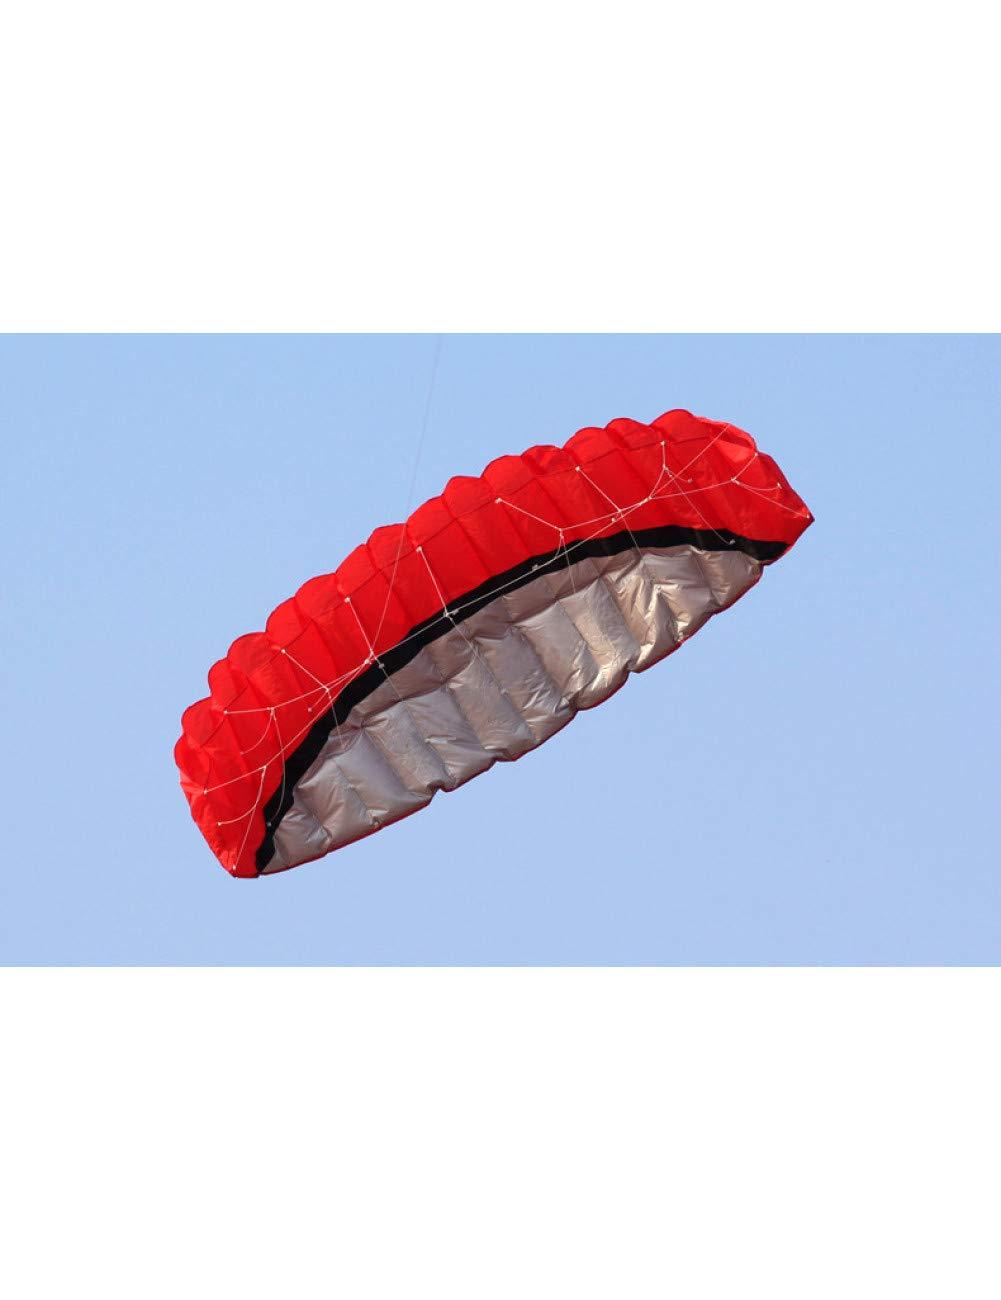 B  ZSYF Cerf-Volant Kite 2,5 M Dual Line 4 Couleurs Parafoil Parachute Sport plage Kite Facile à Piloter